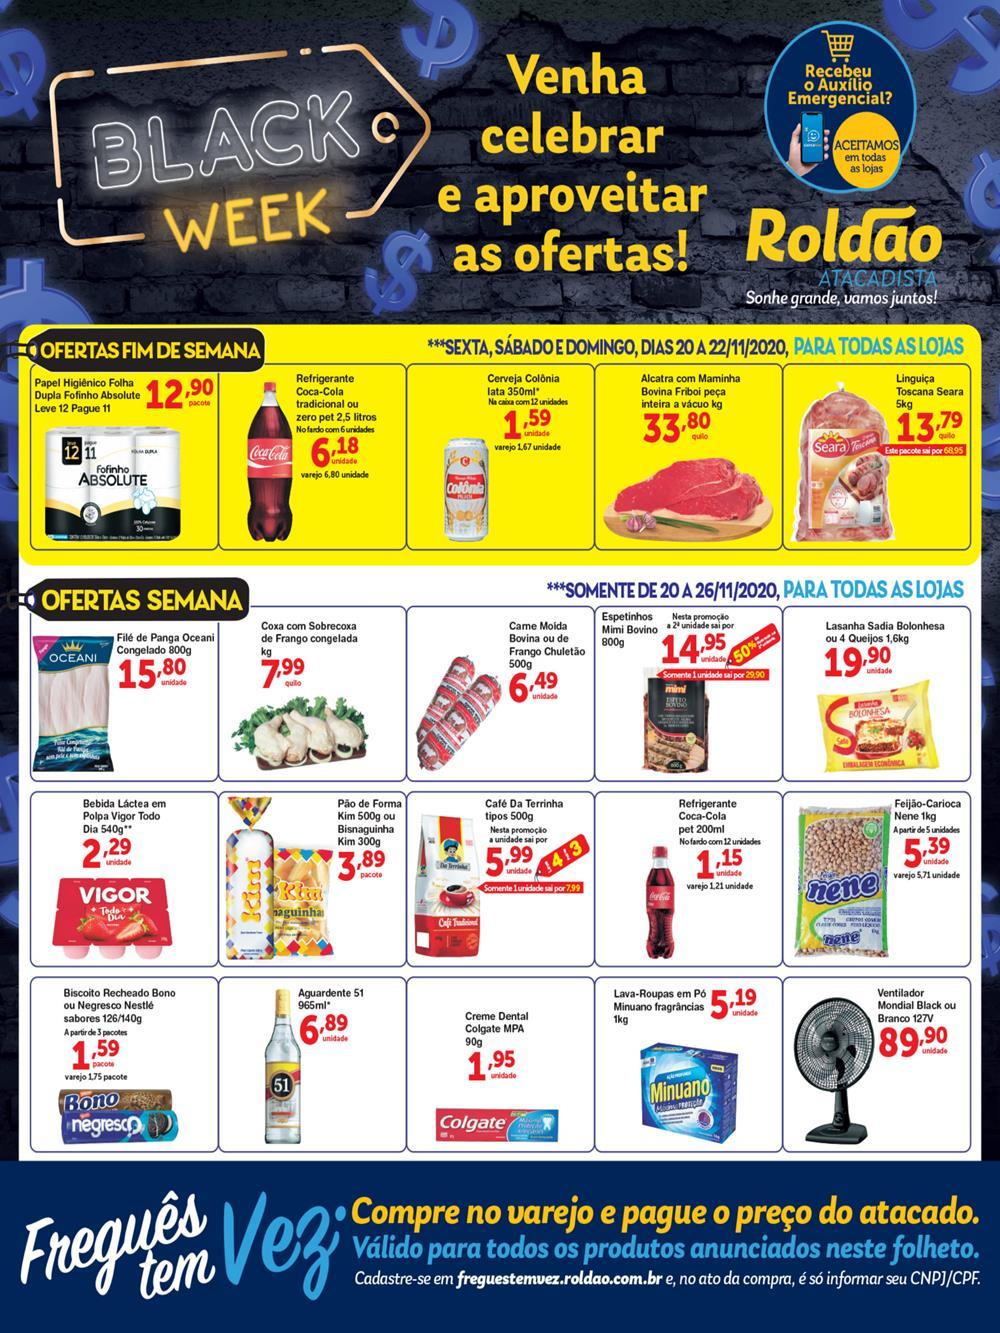 roldao-ofertas-descontos-hoje1-5 Blaci Friday Folhetos atuais